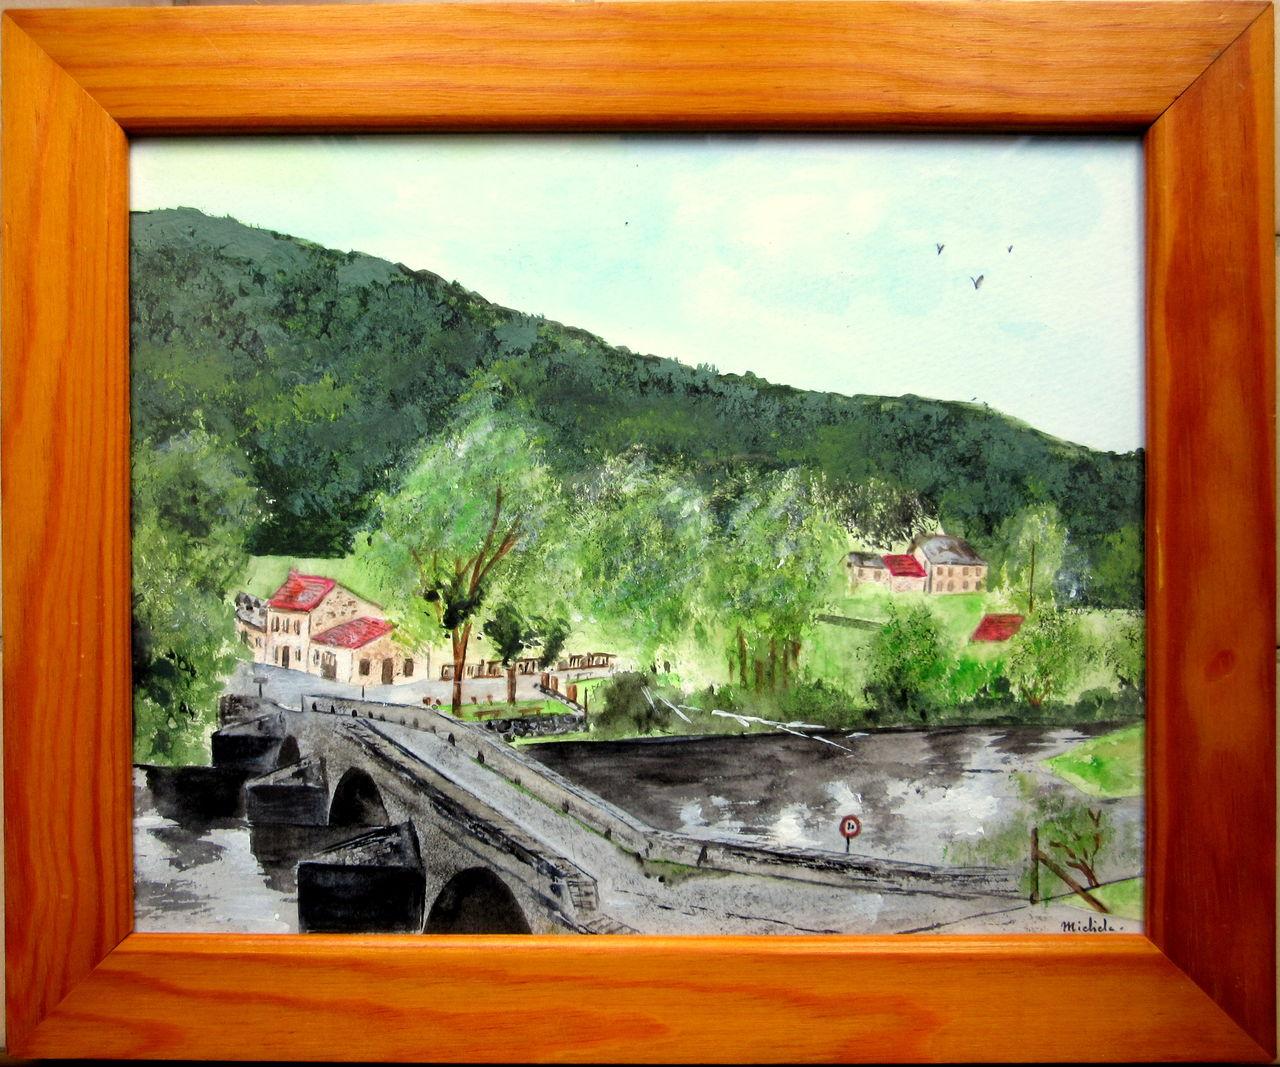 Michele martin le pont de Menat.